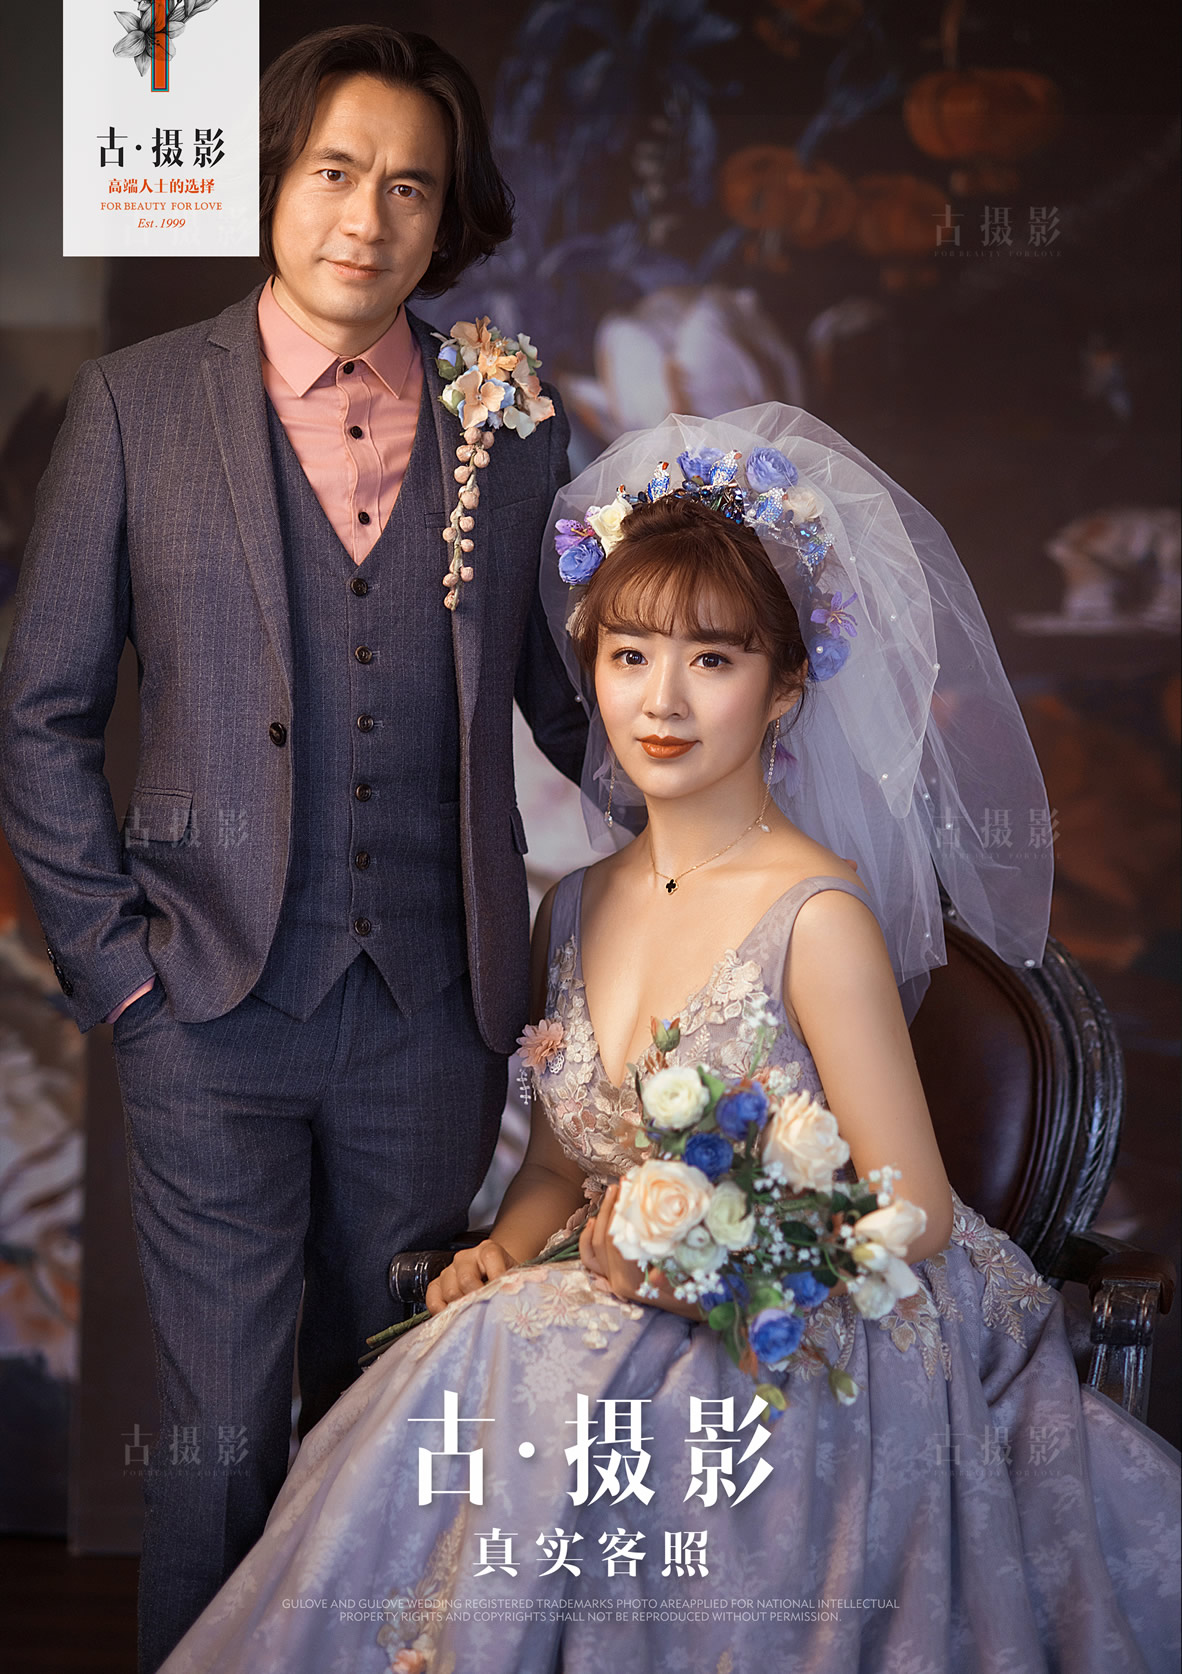 4月24日客片何先生 张小姐 - 每日客照 - 古摄影婚纱艺术-古摄影成都婚纱摄影艺术摄影网